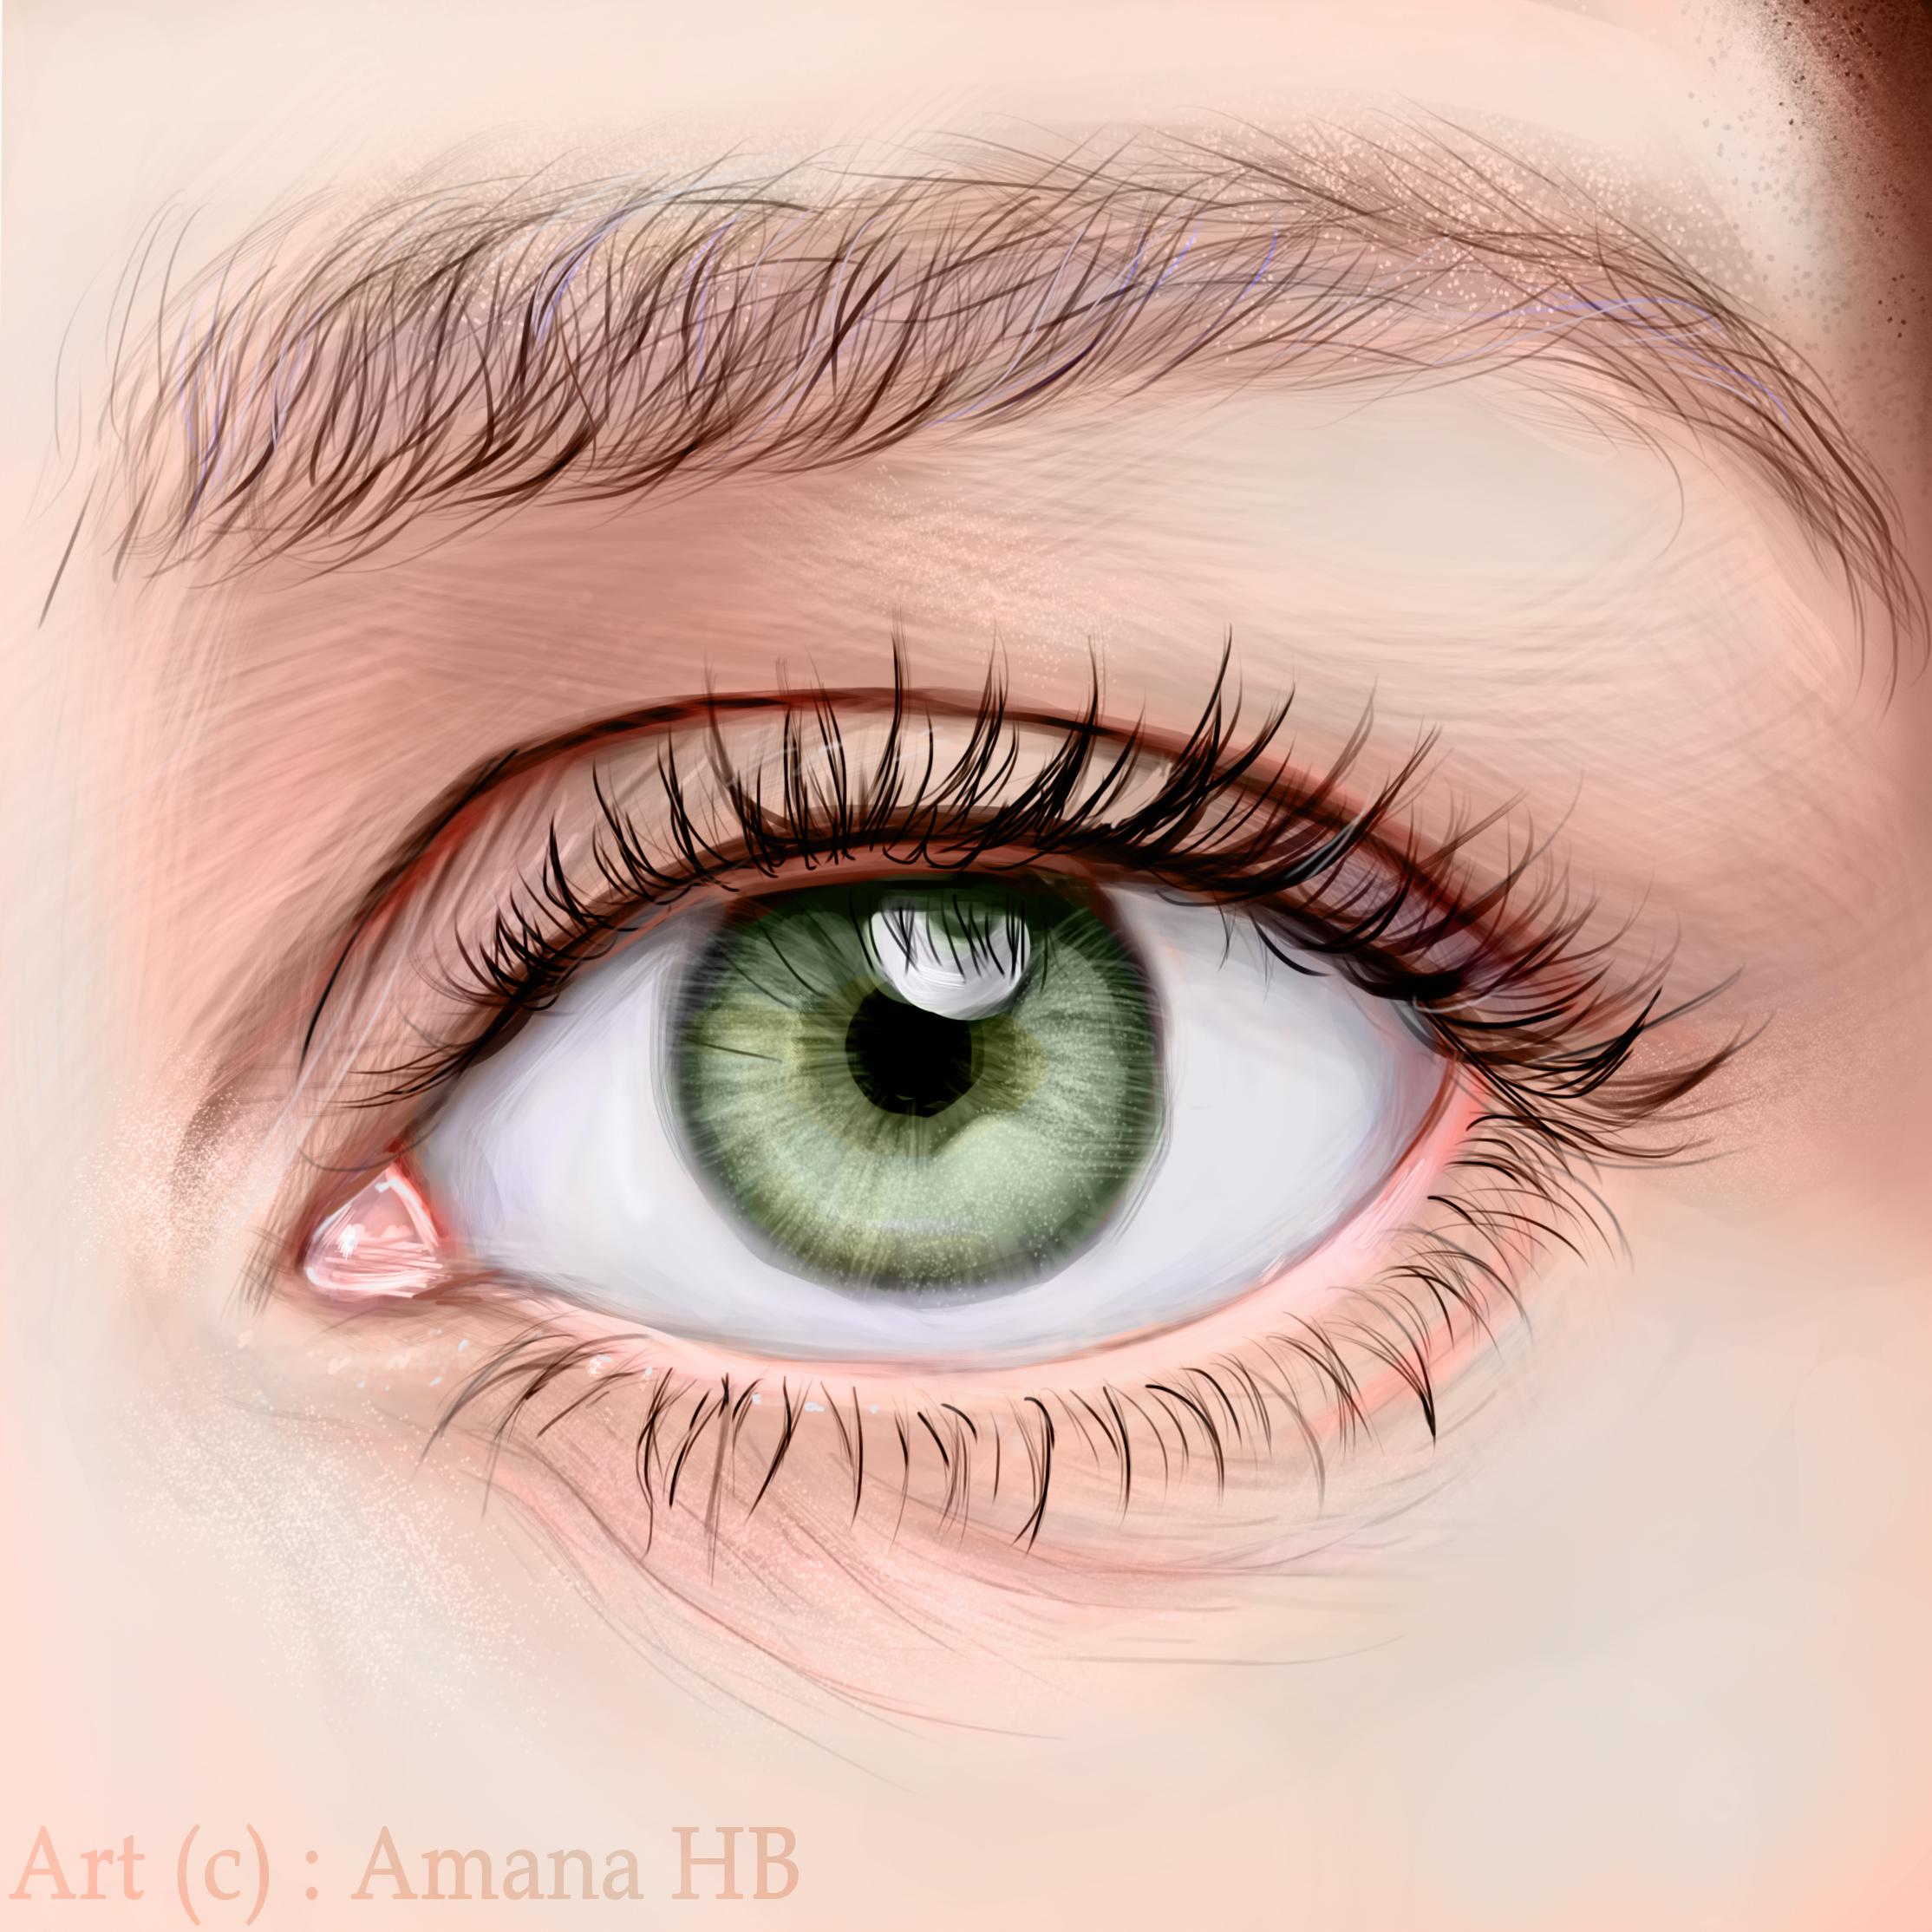 Art ID: 109698